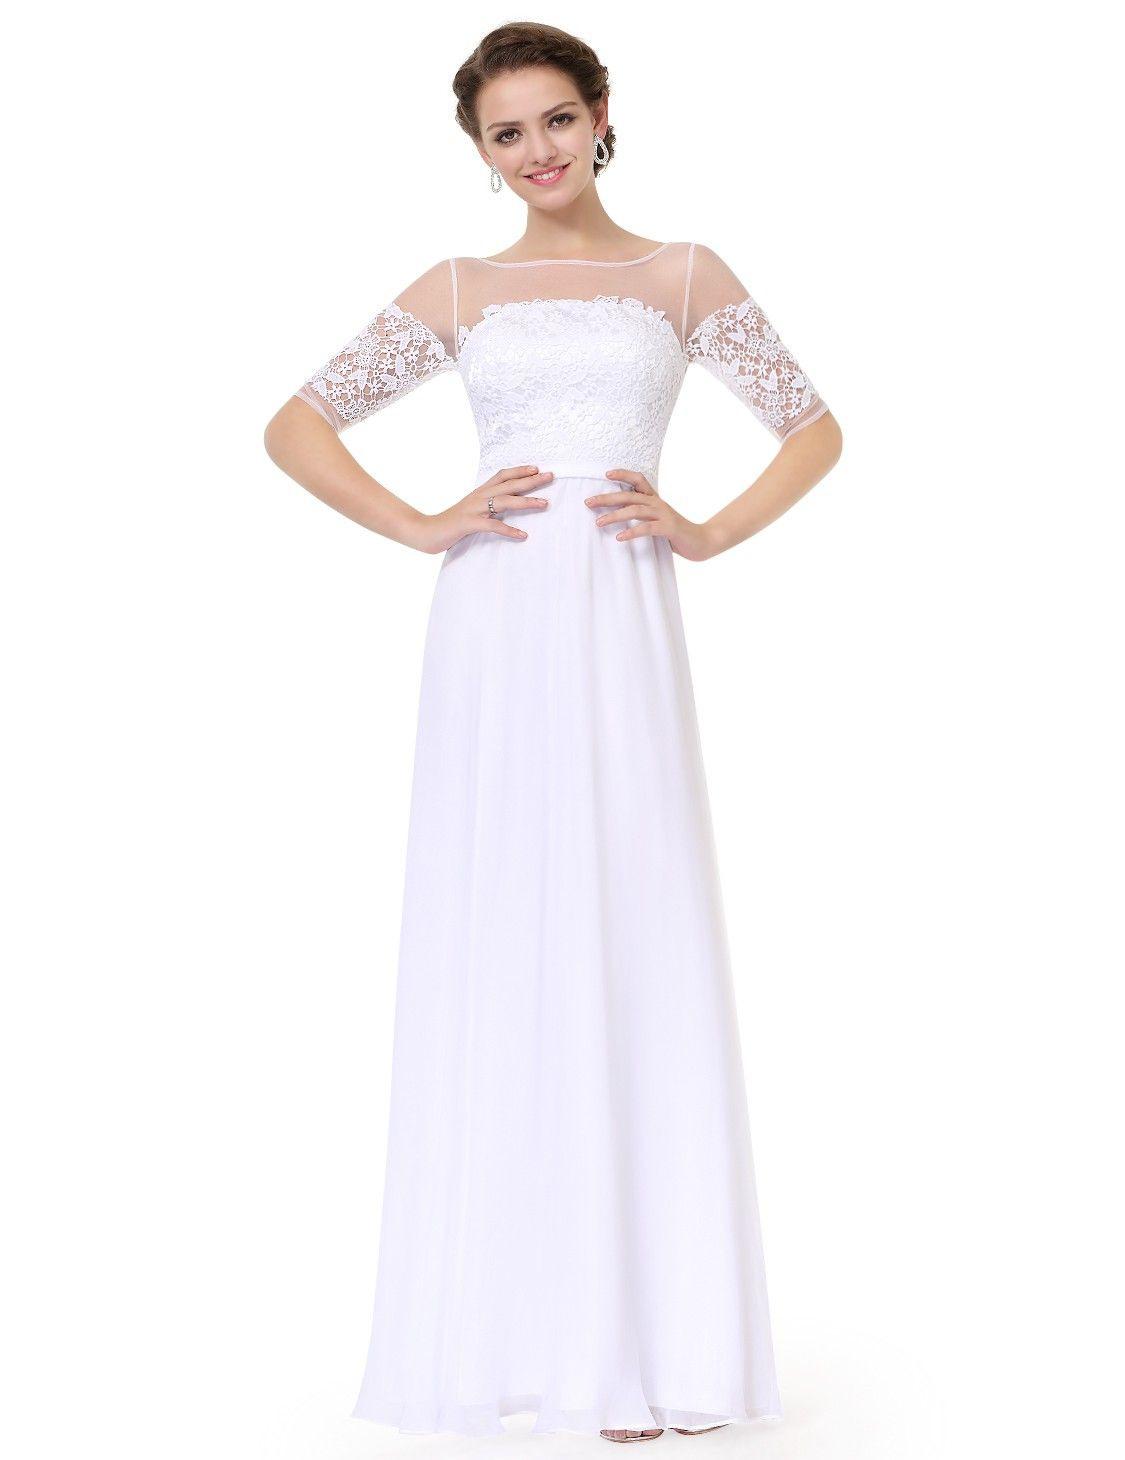 20 Fantastisch Abendkleid Weiß Bester Preis13 Fantastisch Abendkleid Weiß Bester Preis